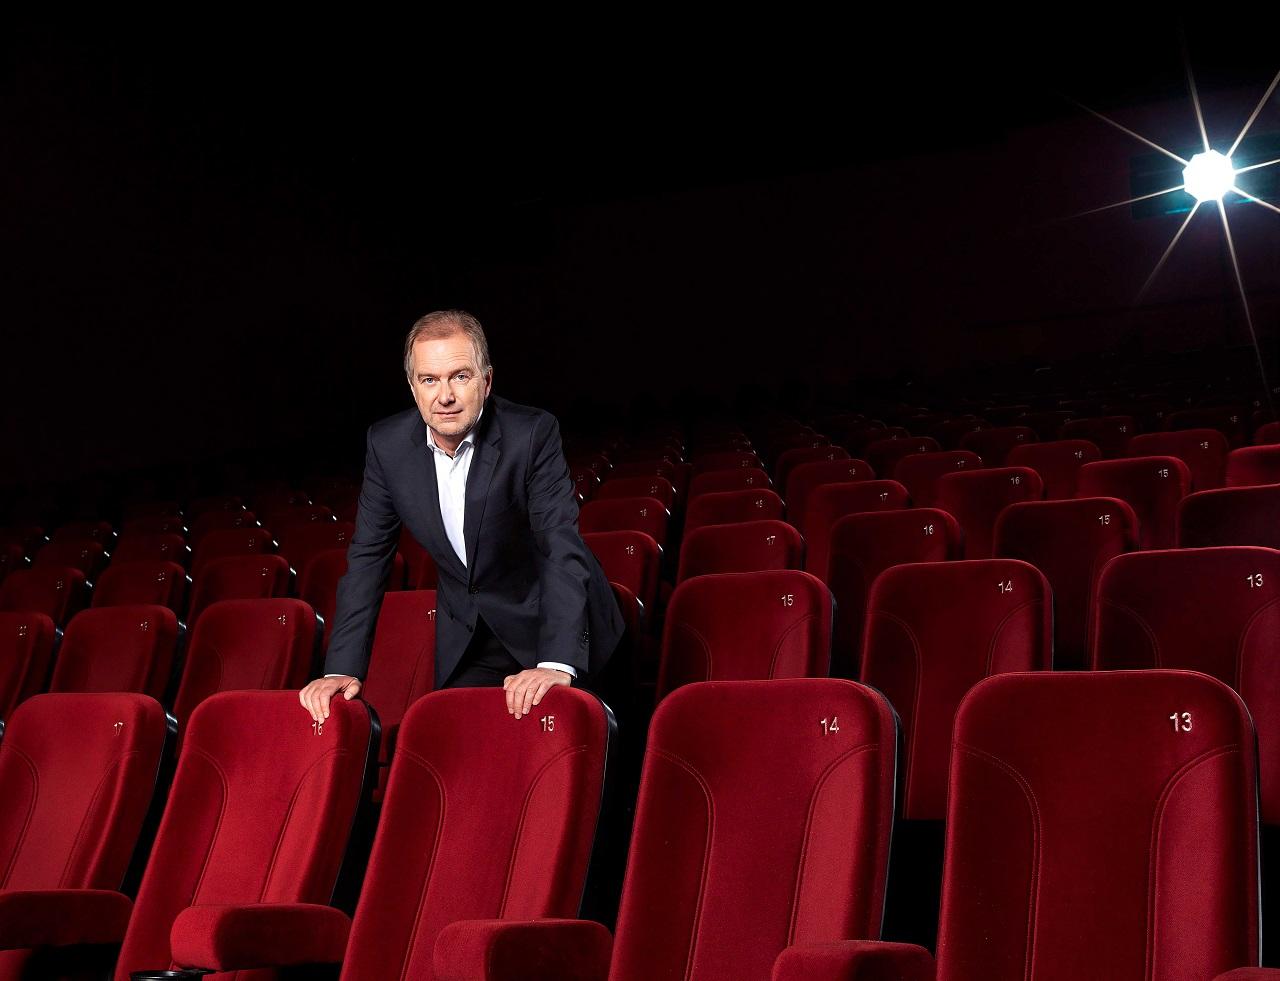 Christian Langhammer, der Geschäftsführer von Cineplexx, steht in einem Kinosaal zwischen den Sitzreihen.